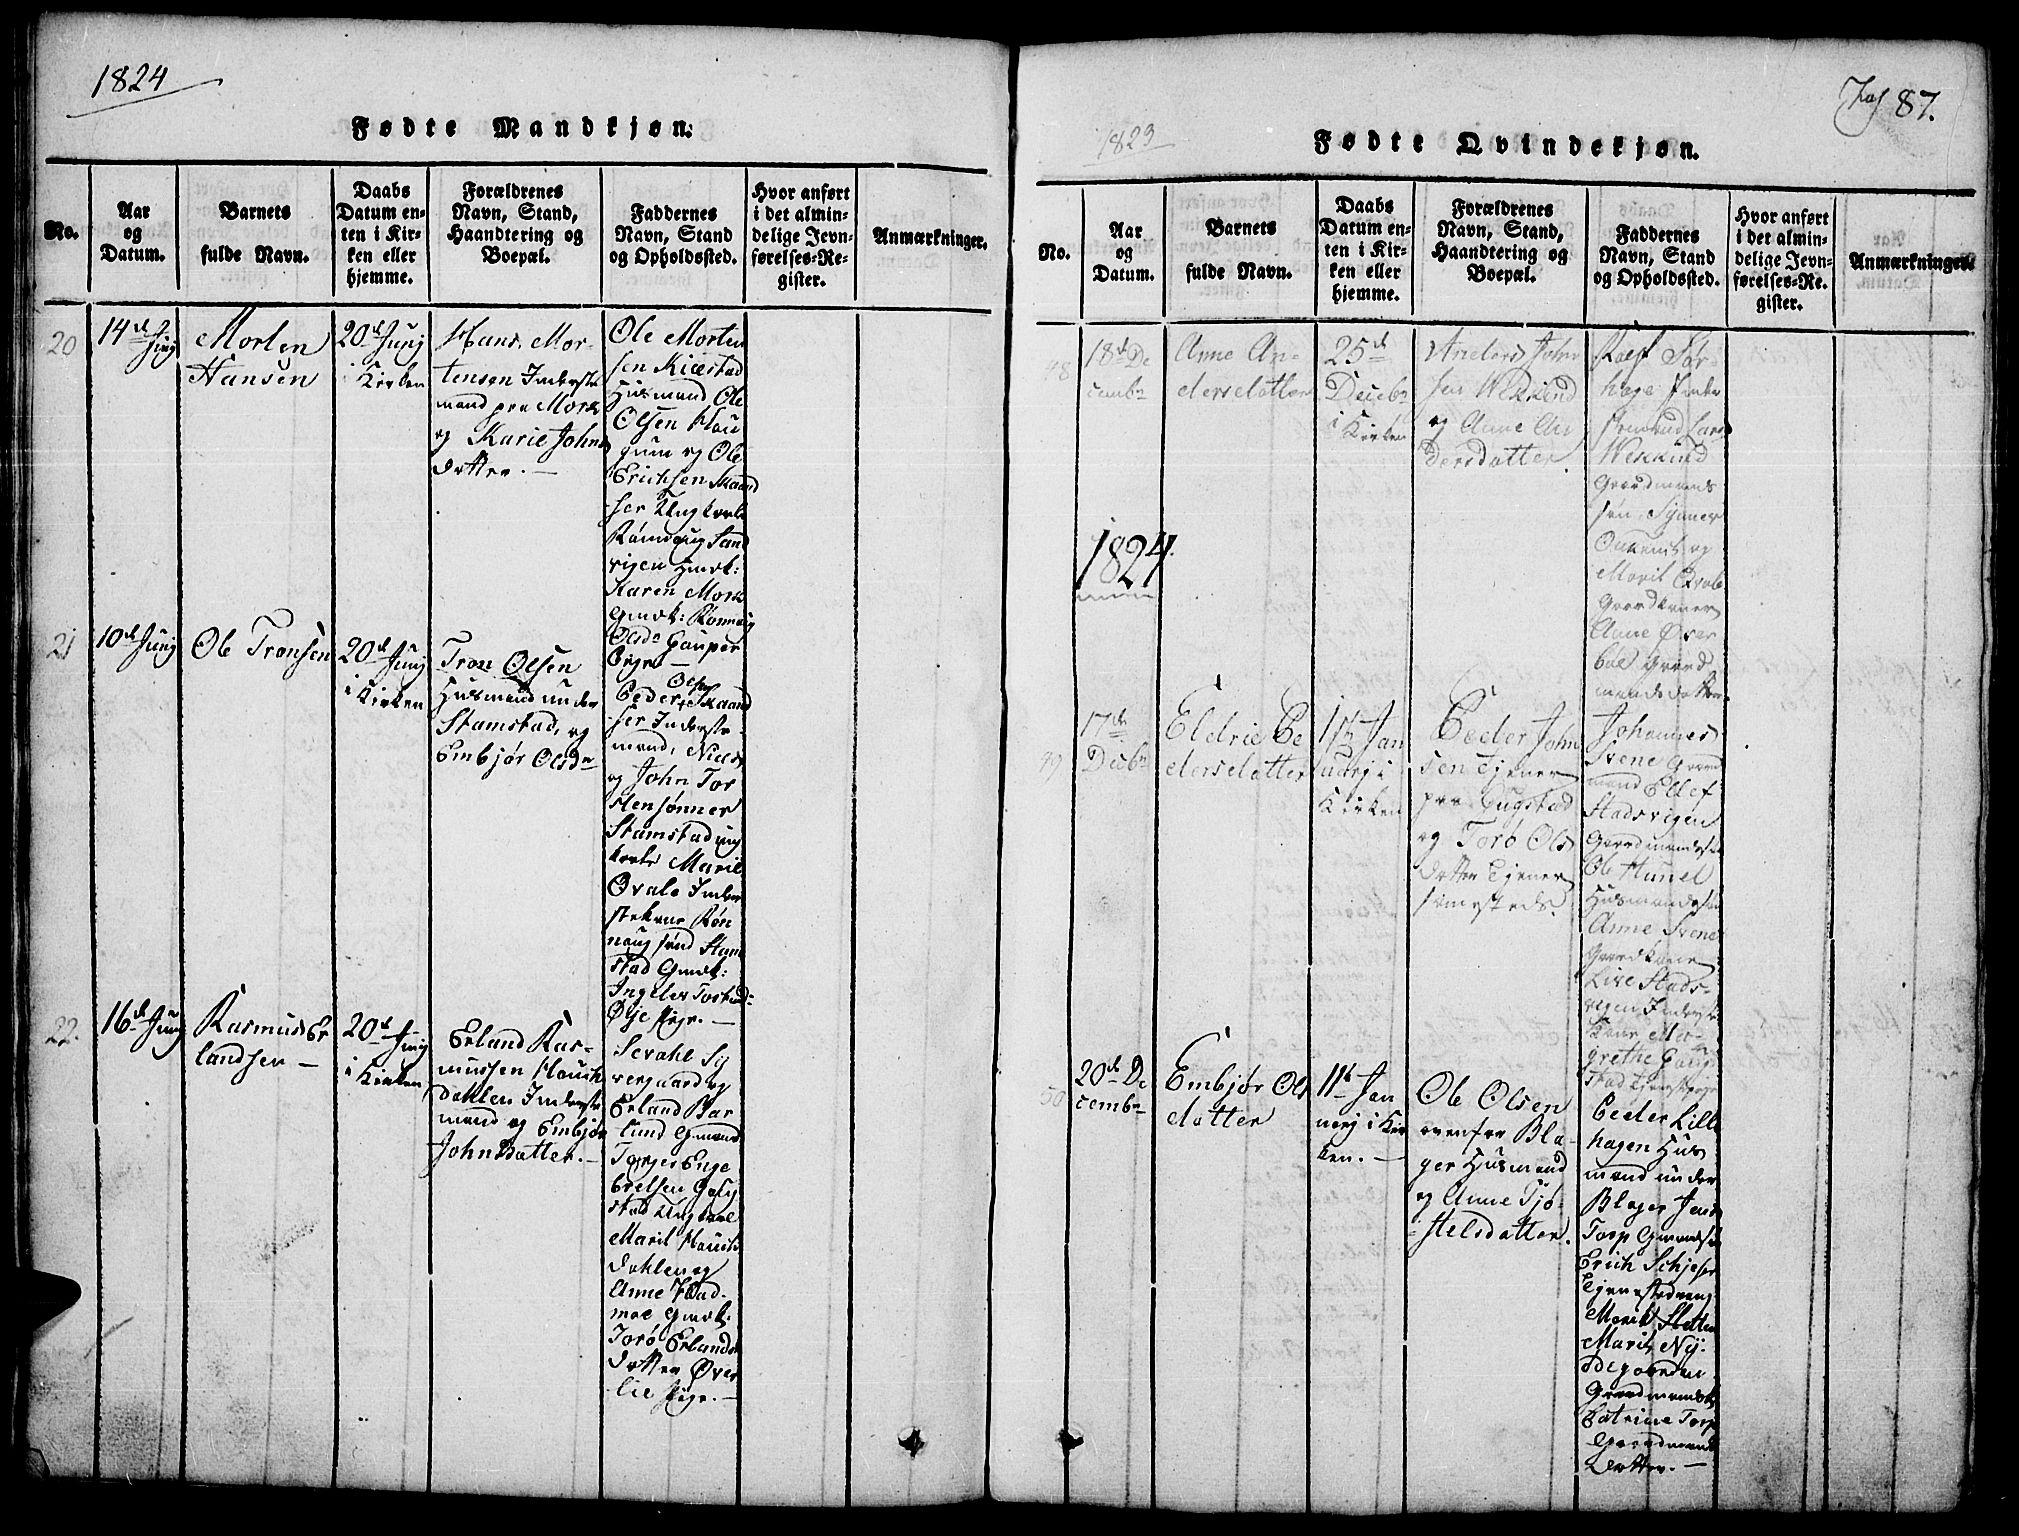 SAH, Lom prestekontor, L/L0001: Klokkerbok nr. 1, 1815-1836, s. 87